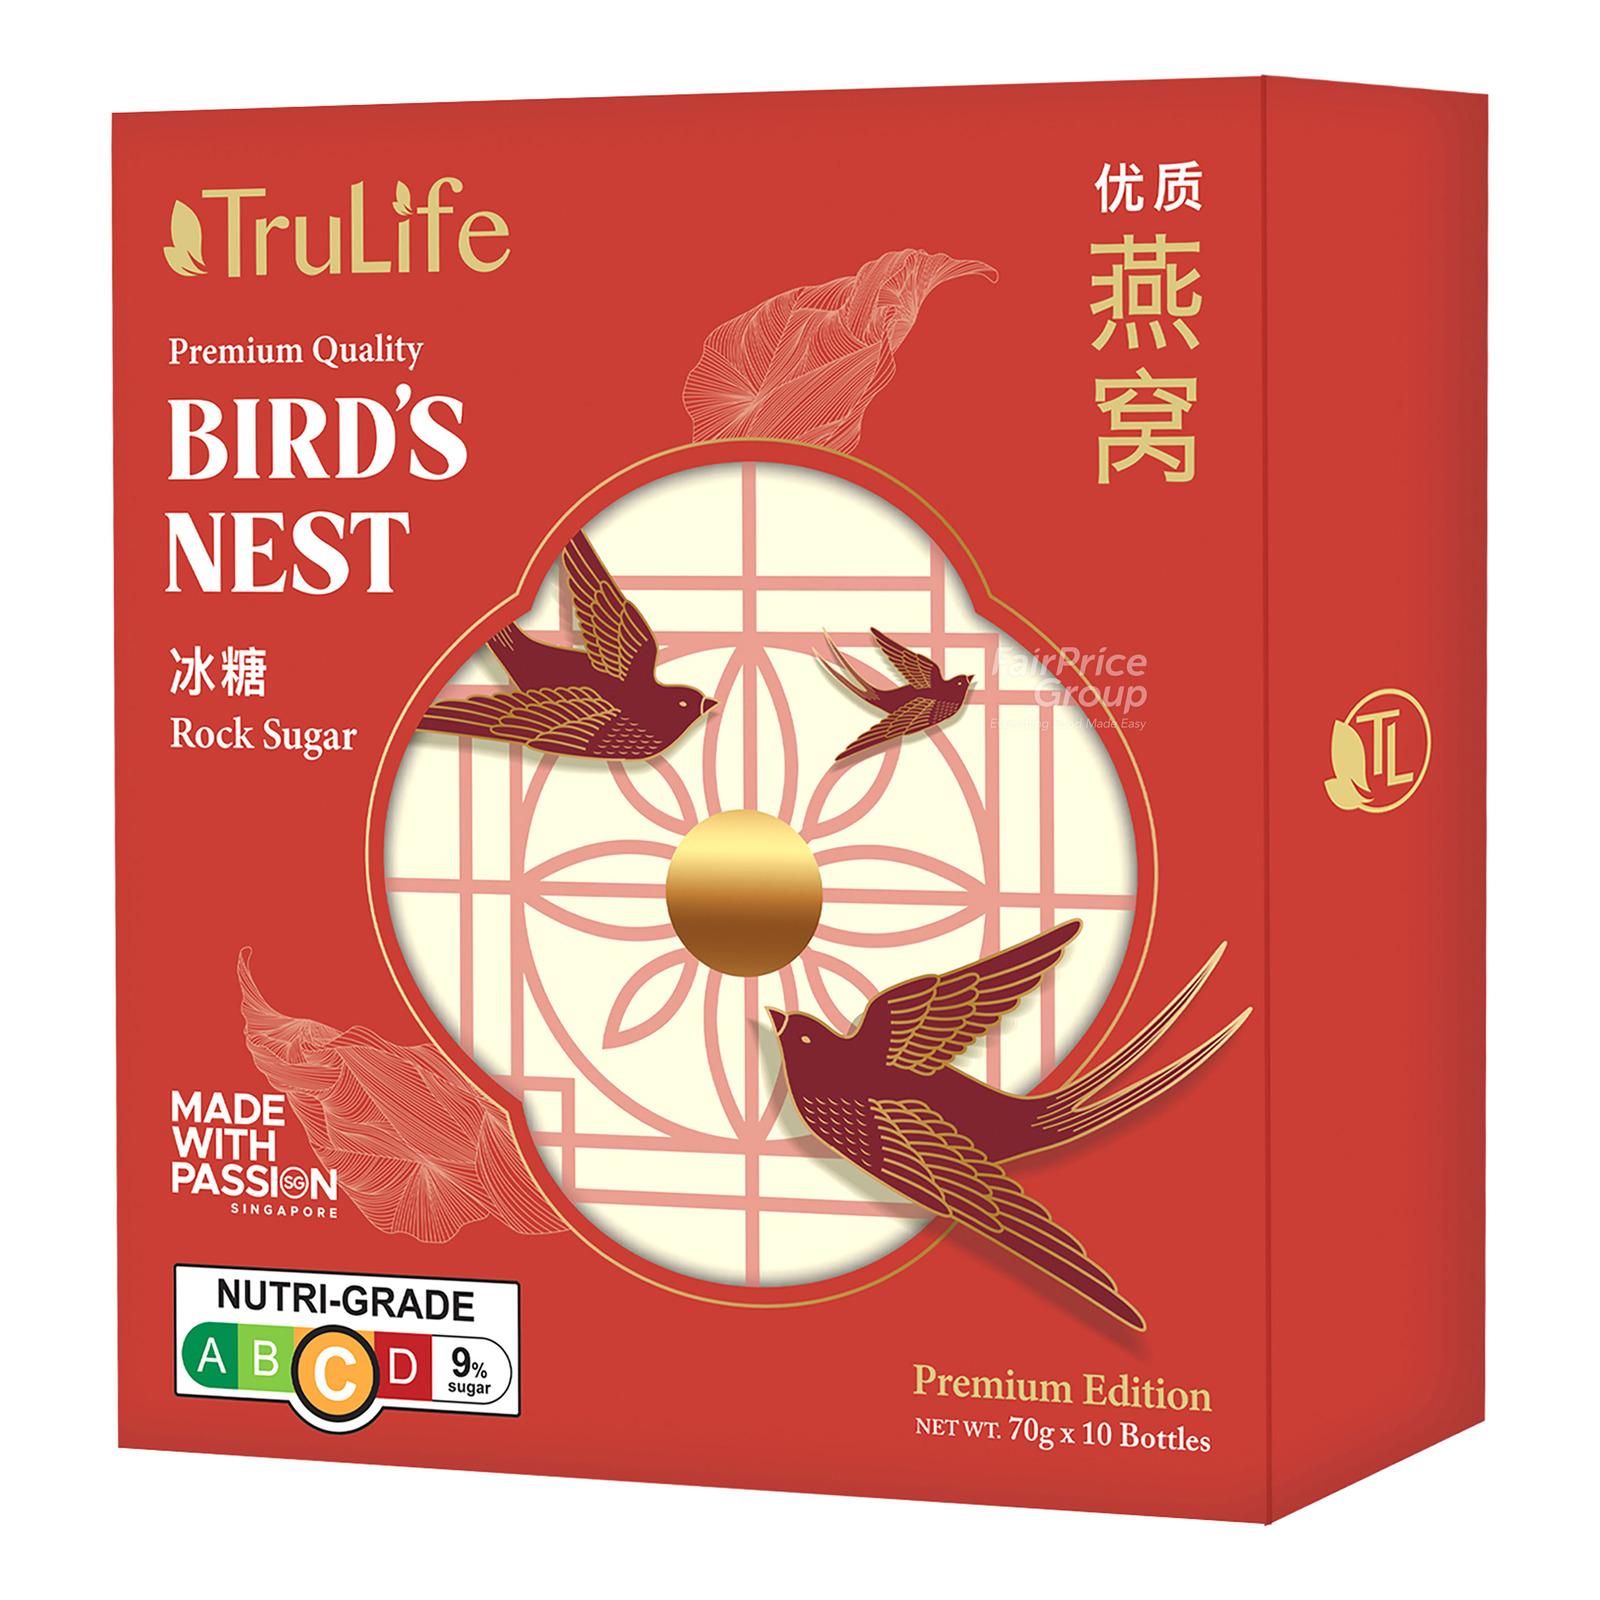 TruLife Premium Bird's Nest - Rock Sugar